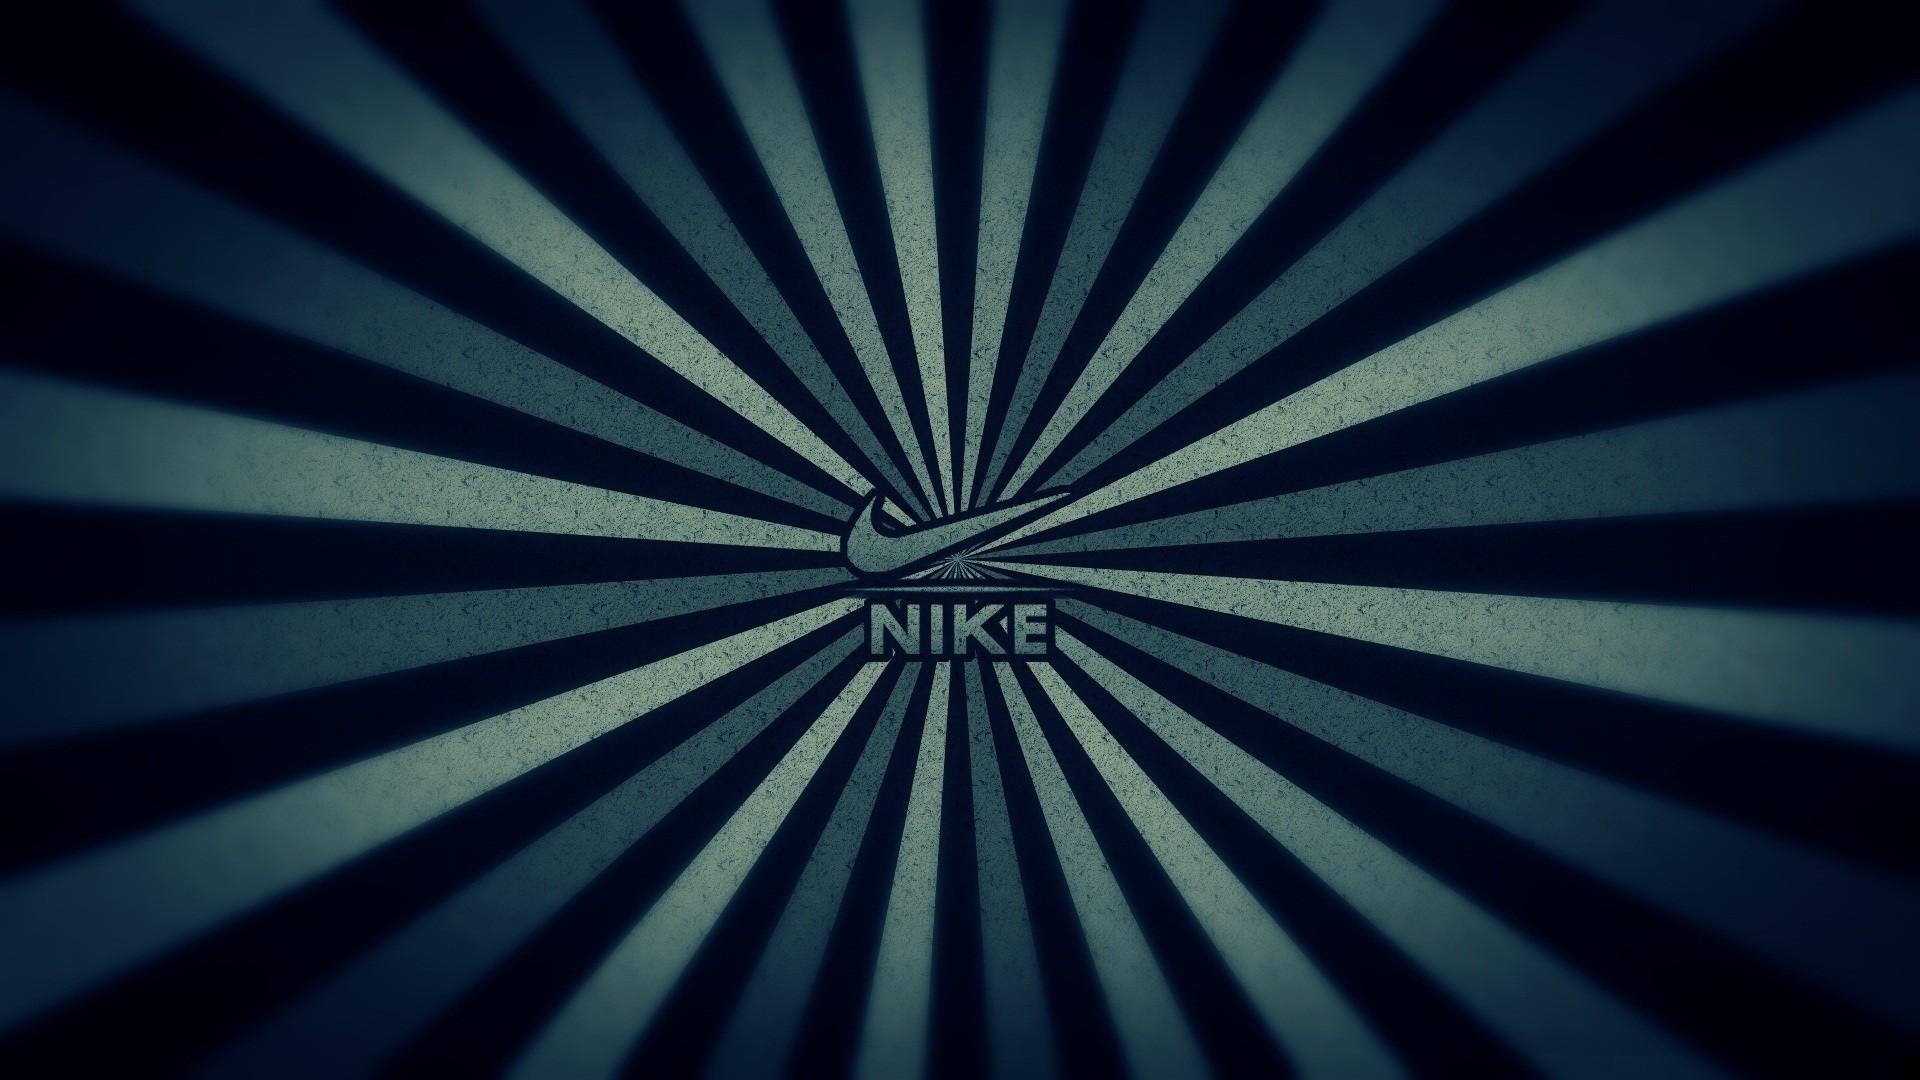 Nike Wallpaper HD 1080p 75 Images